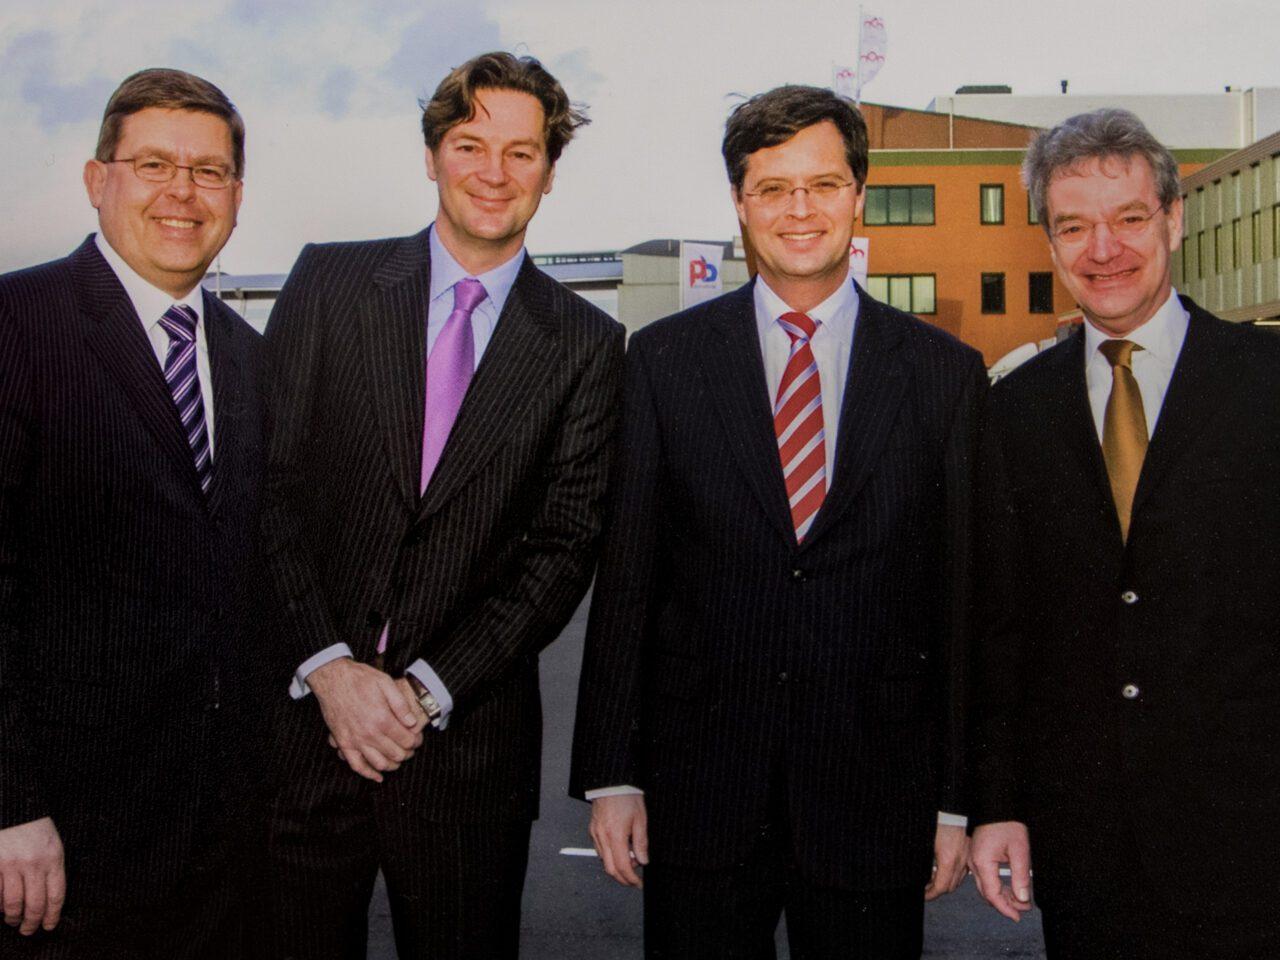 DFG_Balkenende